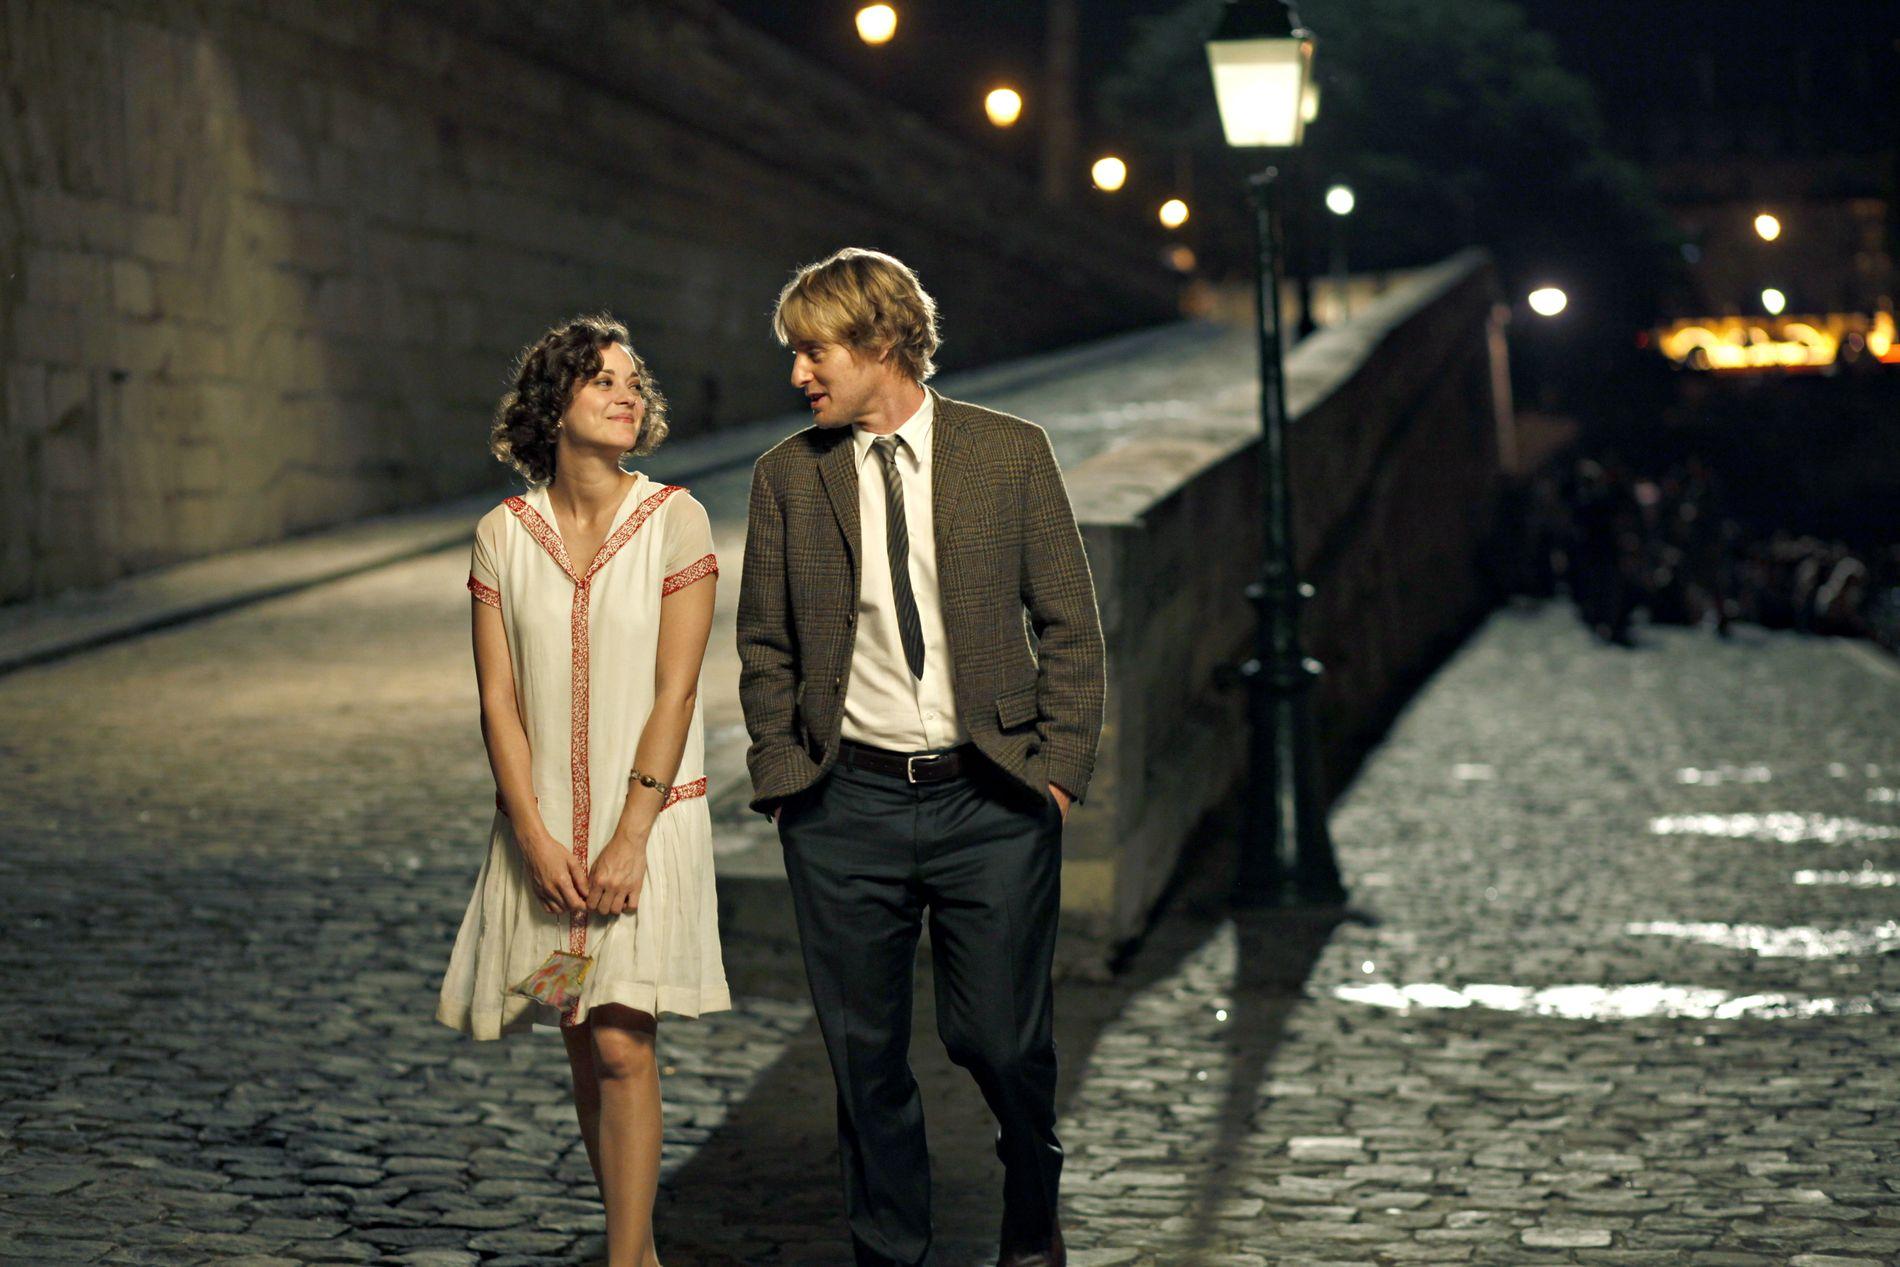 ROMANTIKK: Å se Marion Cotillard i rollen som Adriana vandre gatelangs i vakre kjoler, er en nytelse i seg selv. Så blir da også Gil (Owens Wilson) mer enn betatt.